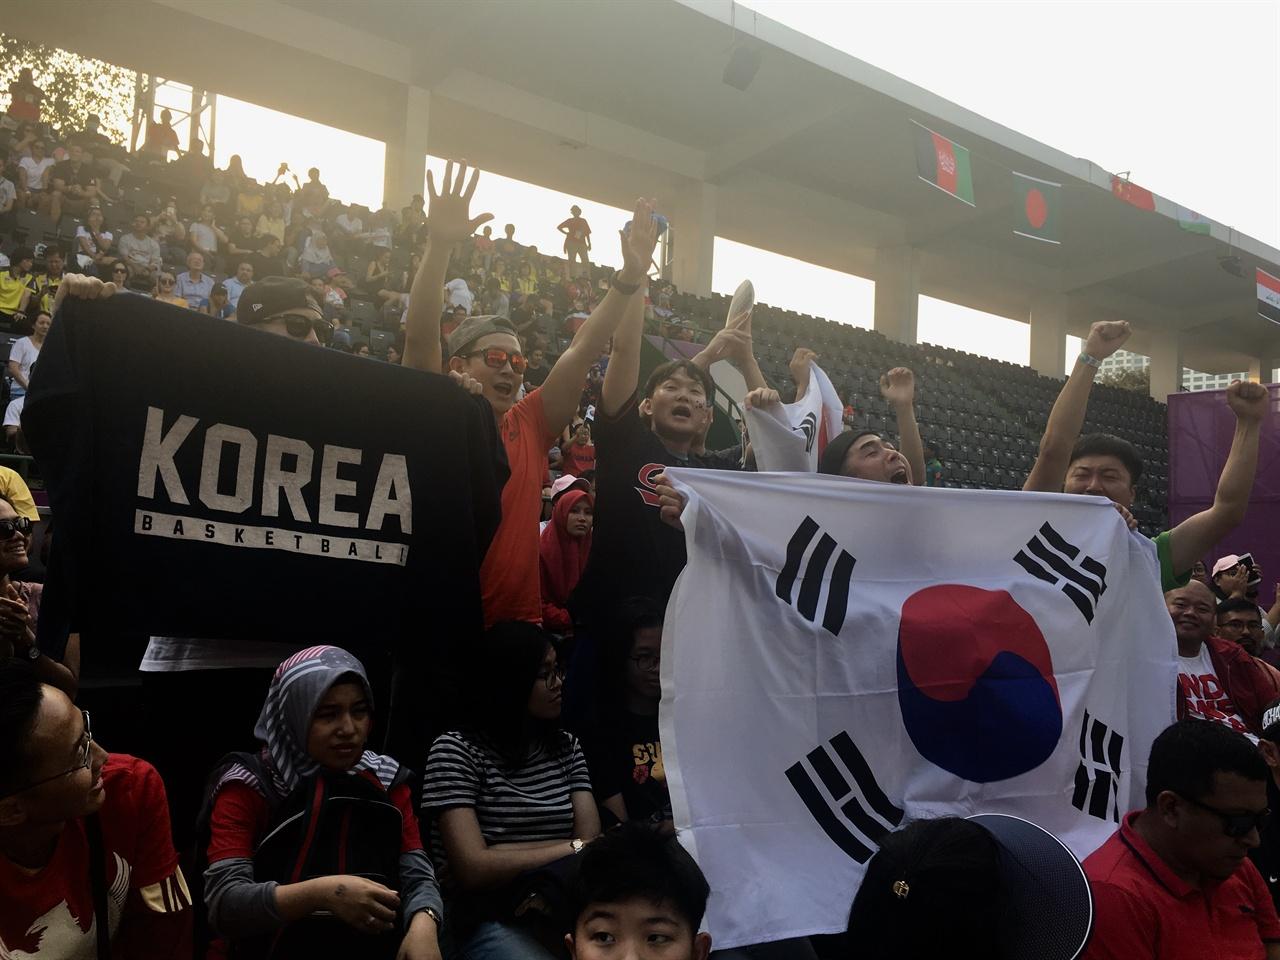 겔로라 붕 카르노(GBK) 3X3 농구장에서 대한민국을 응원하는 한국인의 모습이다.